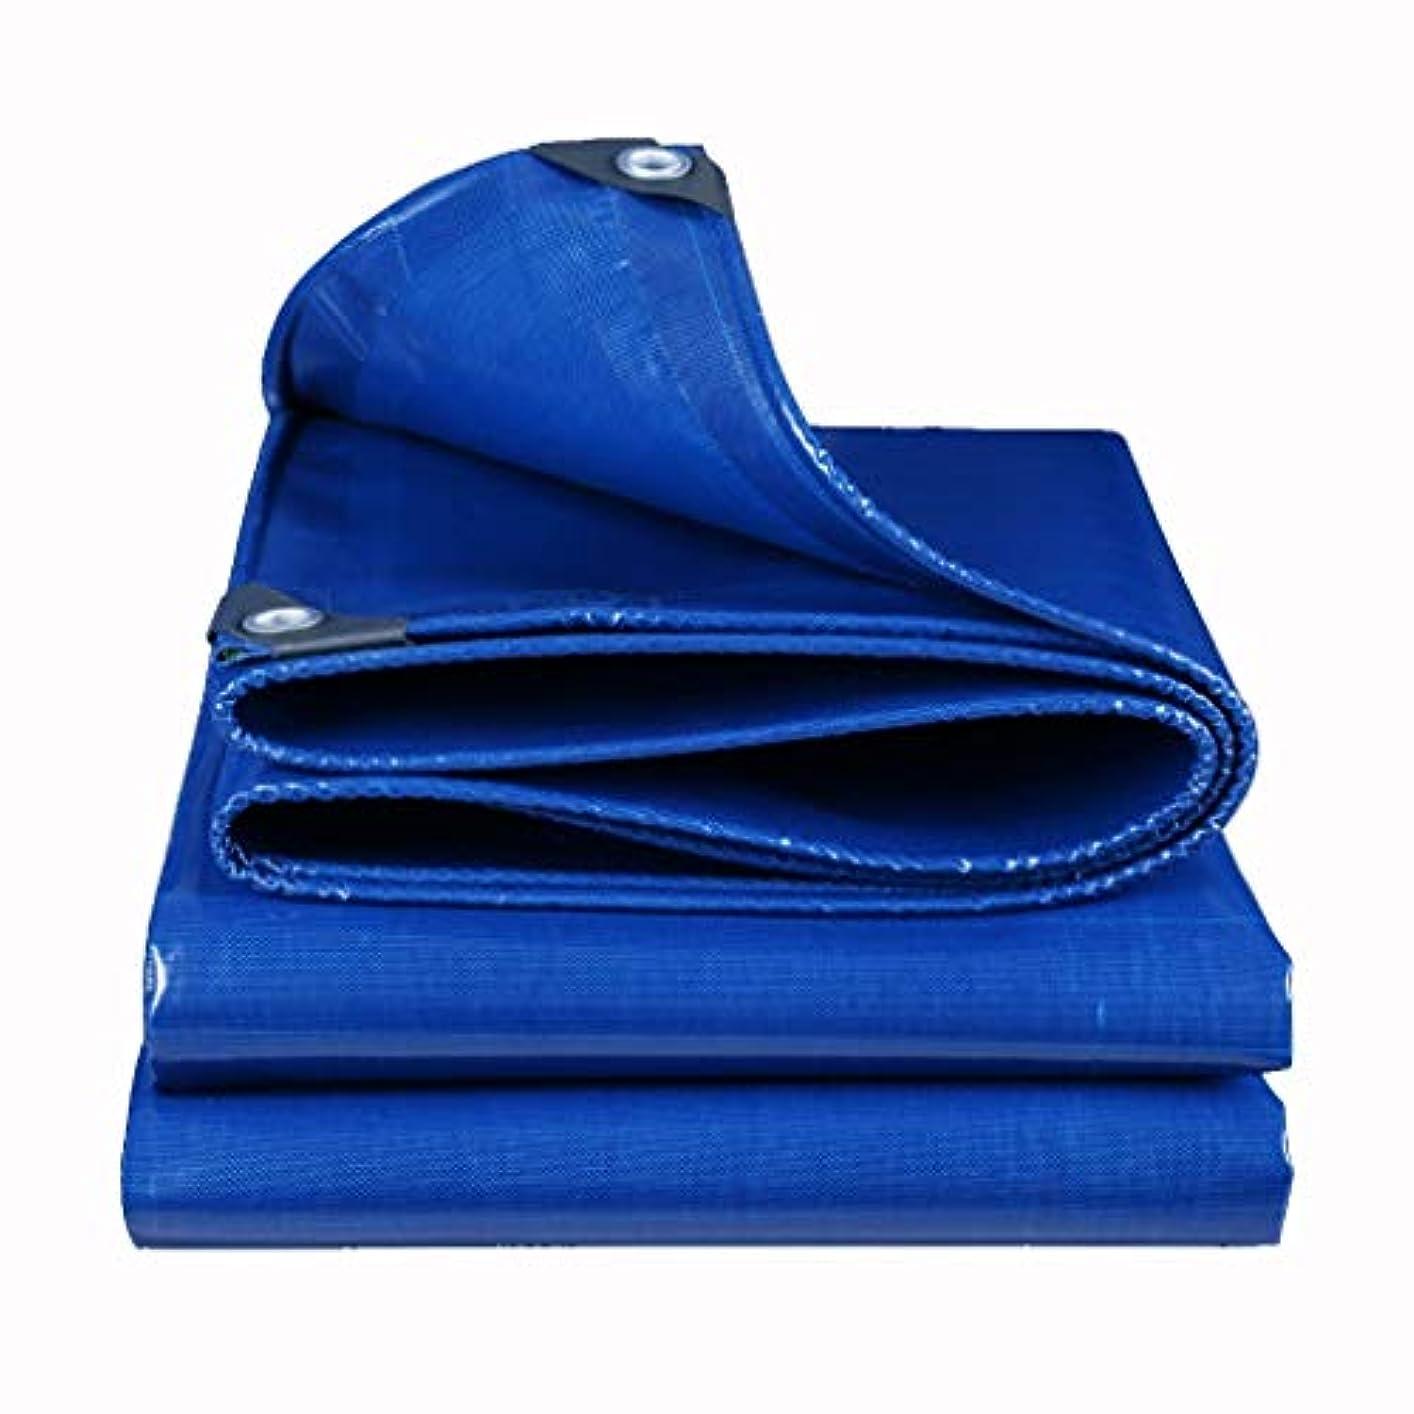 イタリックやりがいのある理論的アウトドア 防水シートオーニングキャノピー大型トラック専用高強度シルクポンチョ厚手防水シート防水日焼け止め着用防水シート テント (Color : Blue, Size : 400*800cm)